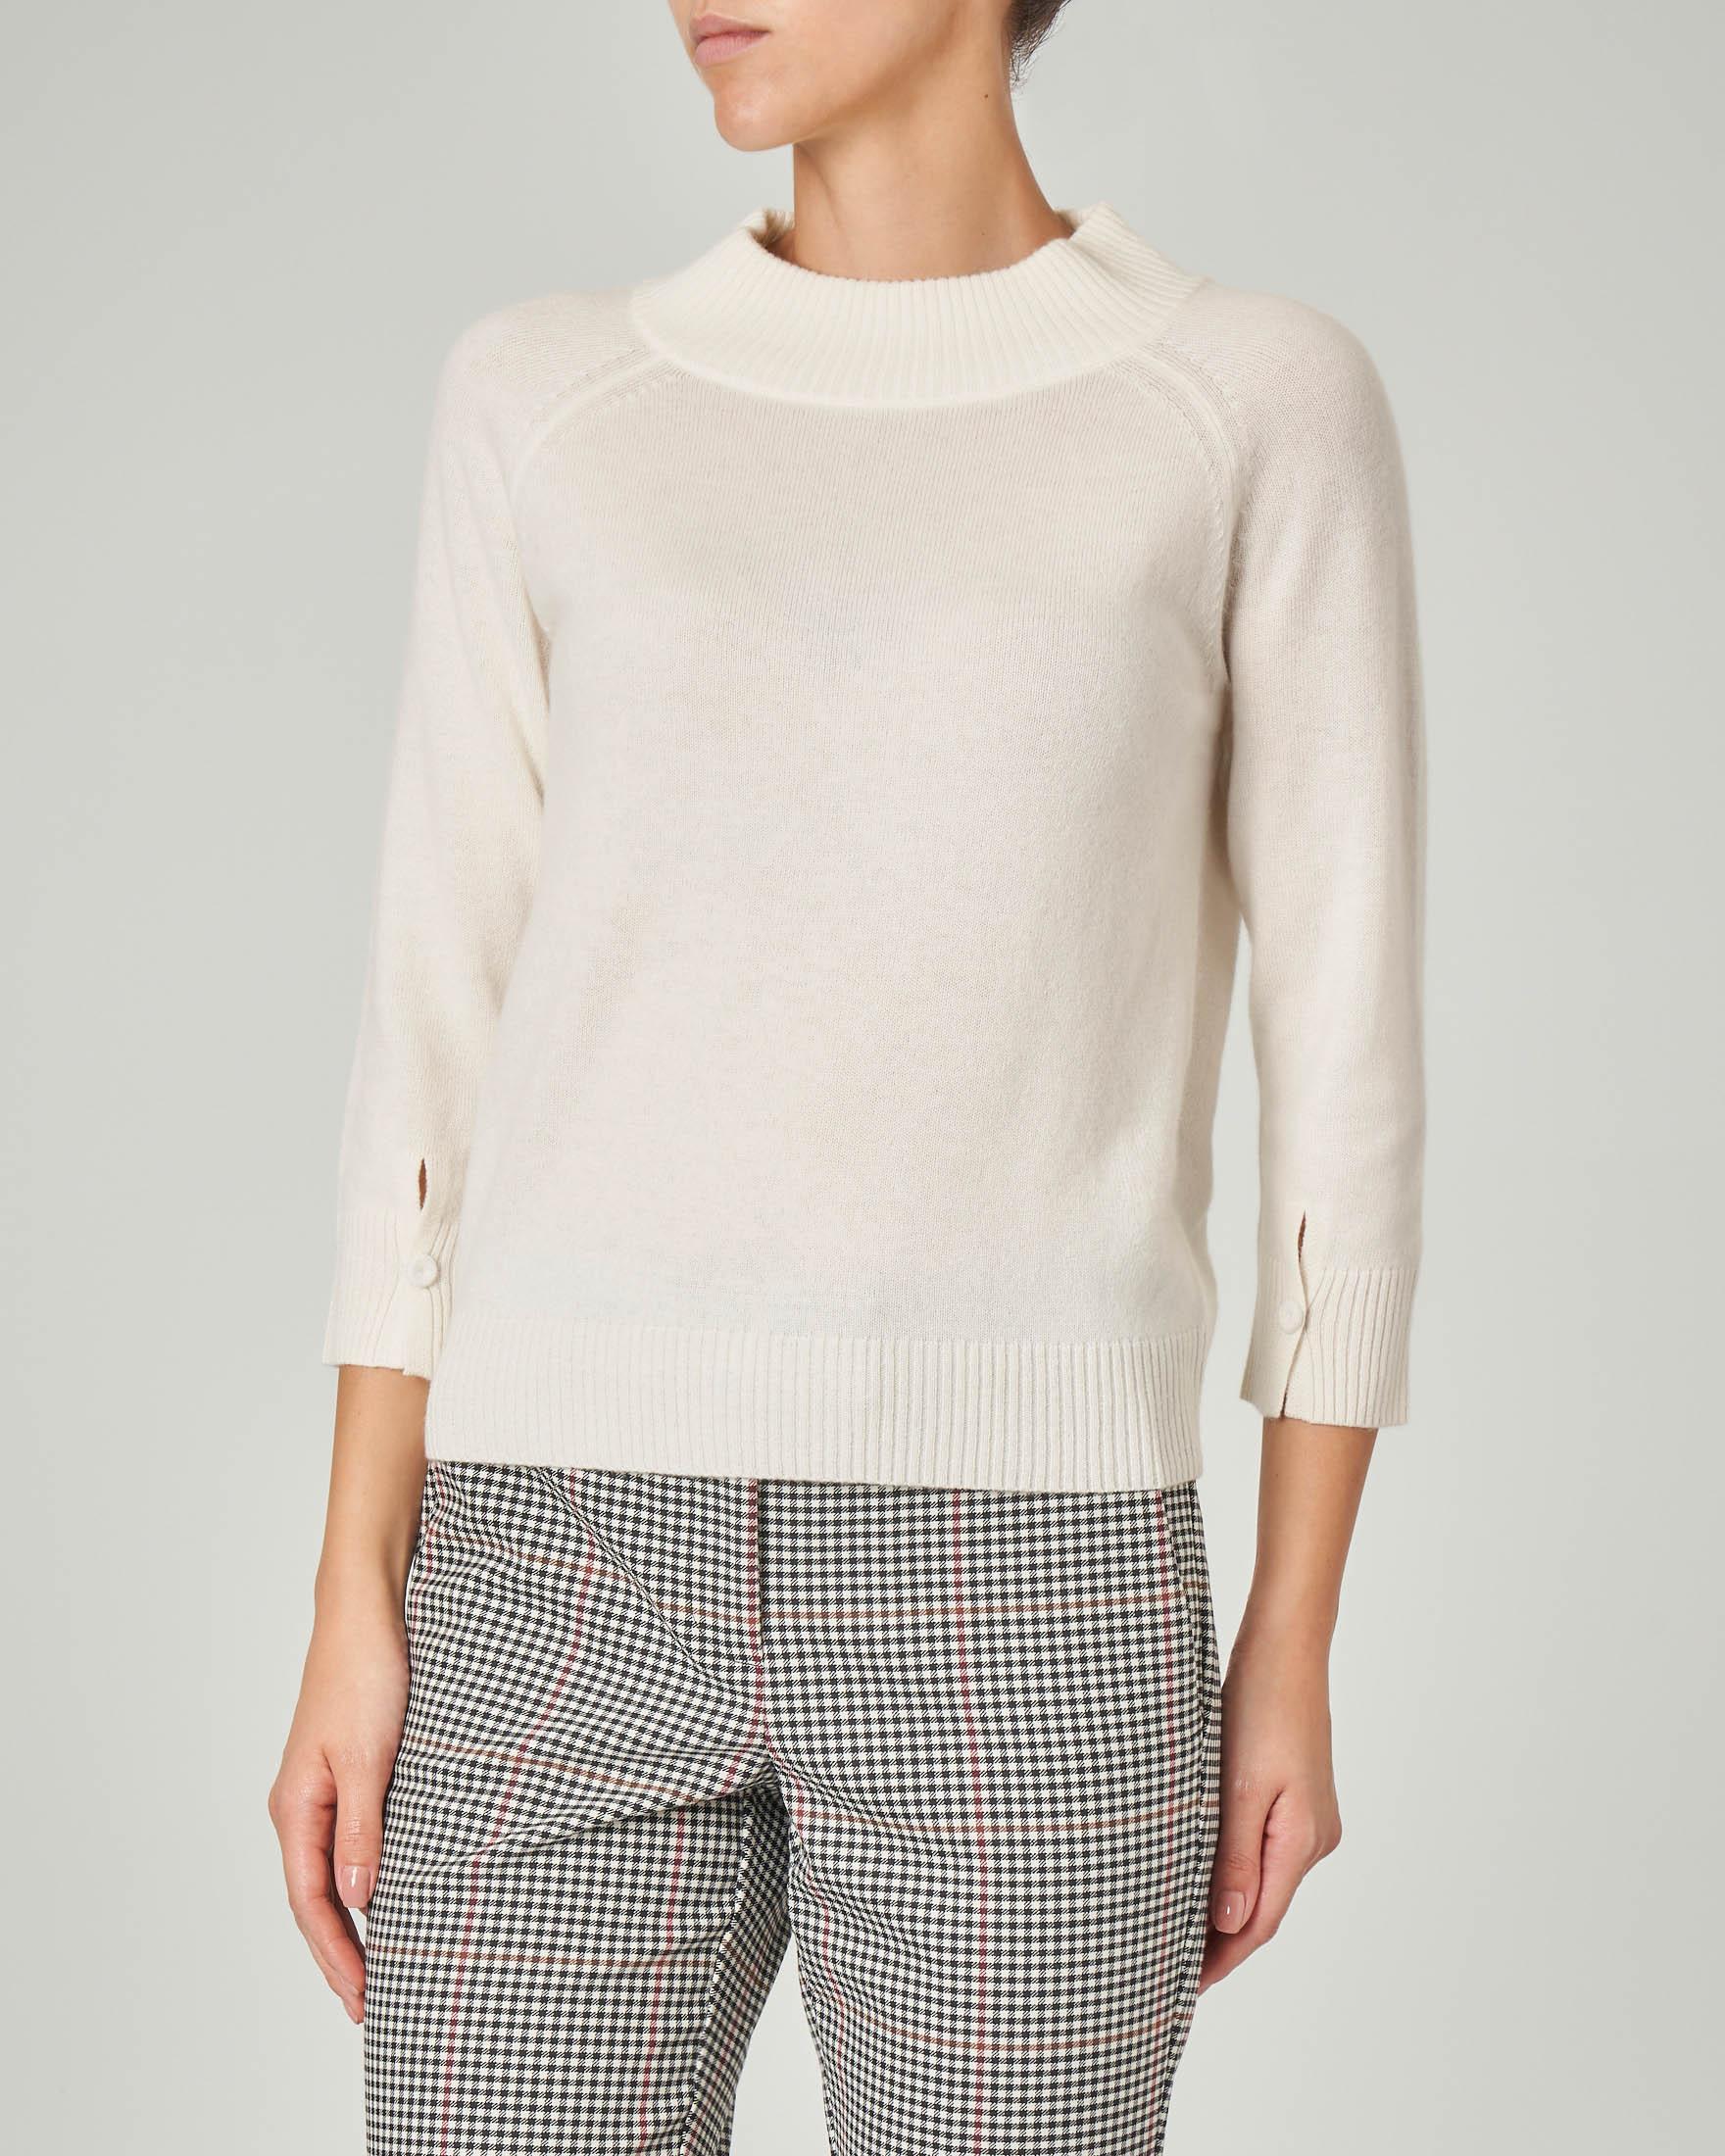 Maglia in lana misto cashmere avorio con maniche tre quarti